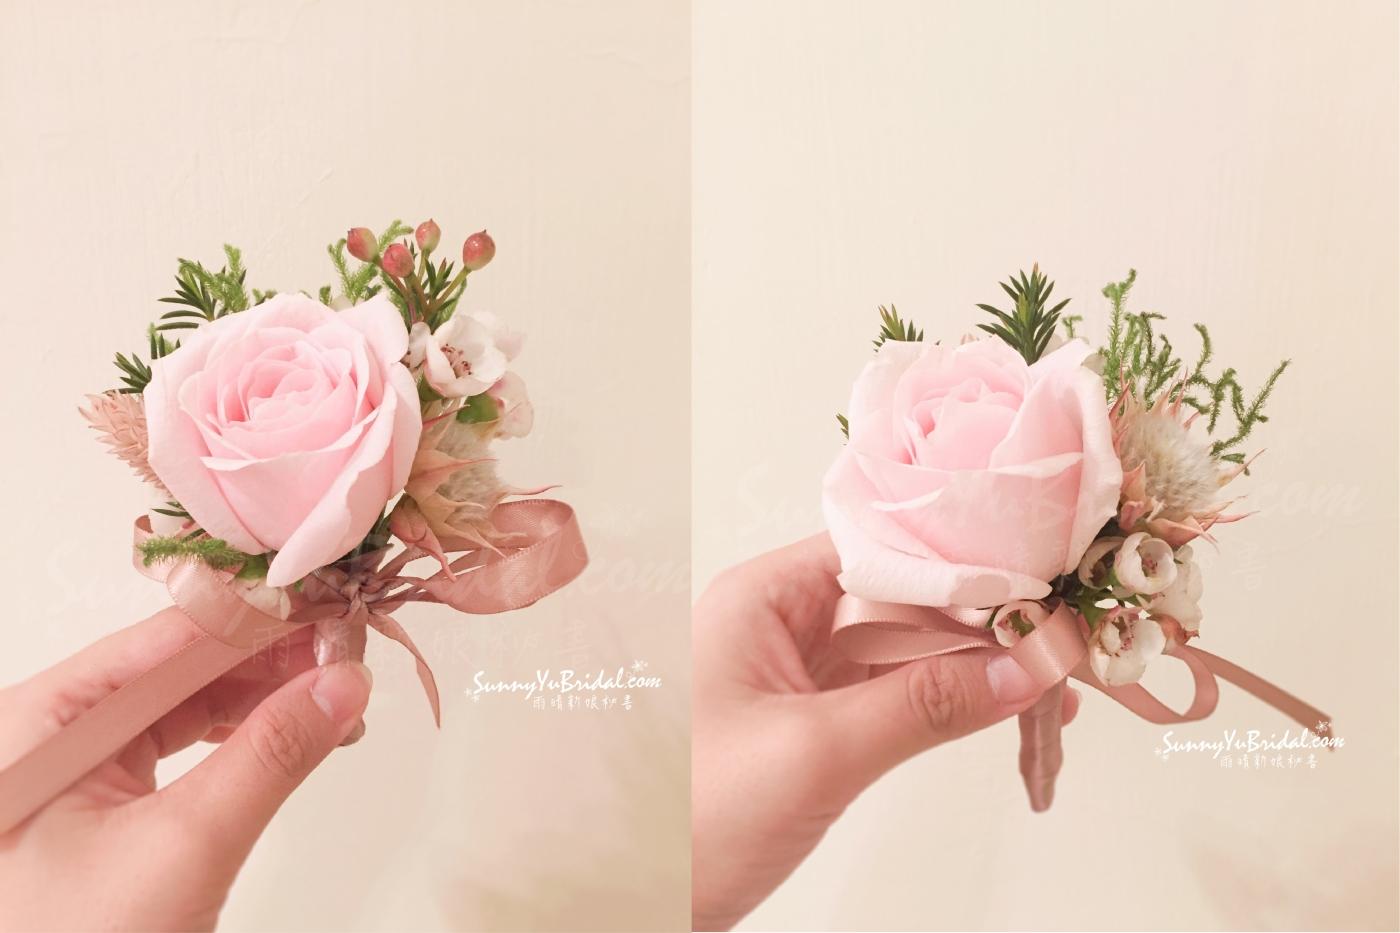 新娘捧花|客製圓形捧花|柔和色系捧花|胸花|主婚人胸花|新郎胸花|台北新娘秘書推薦|雨晴新娘秘書|雨晴手作